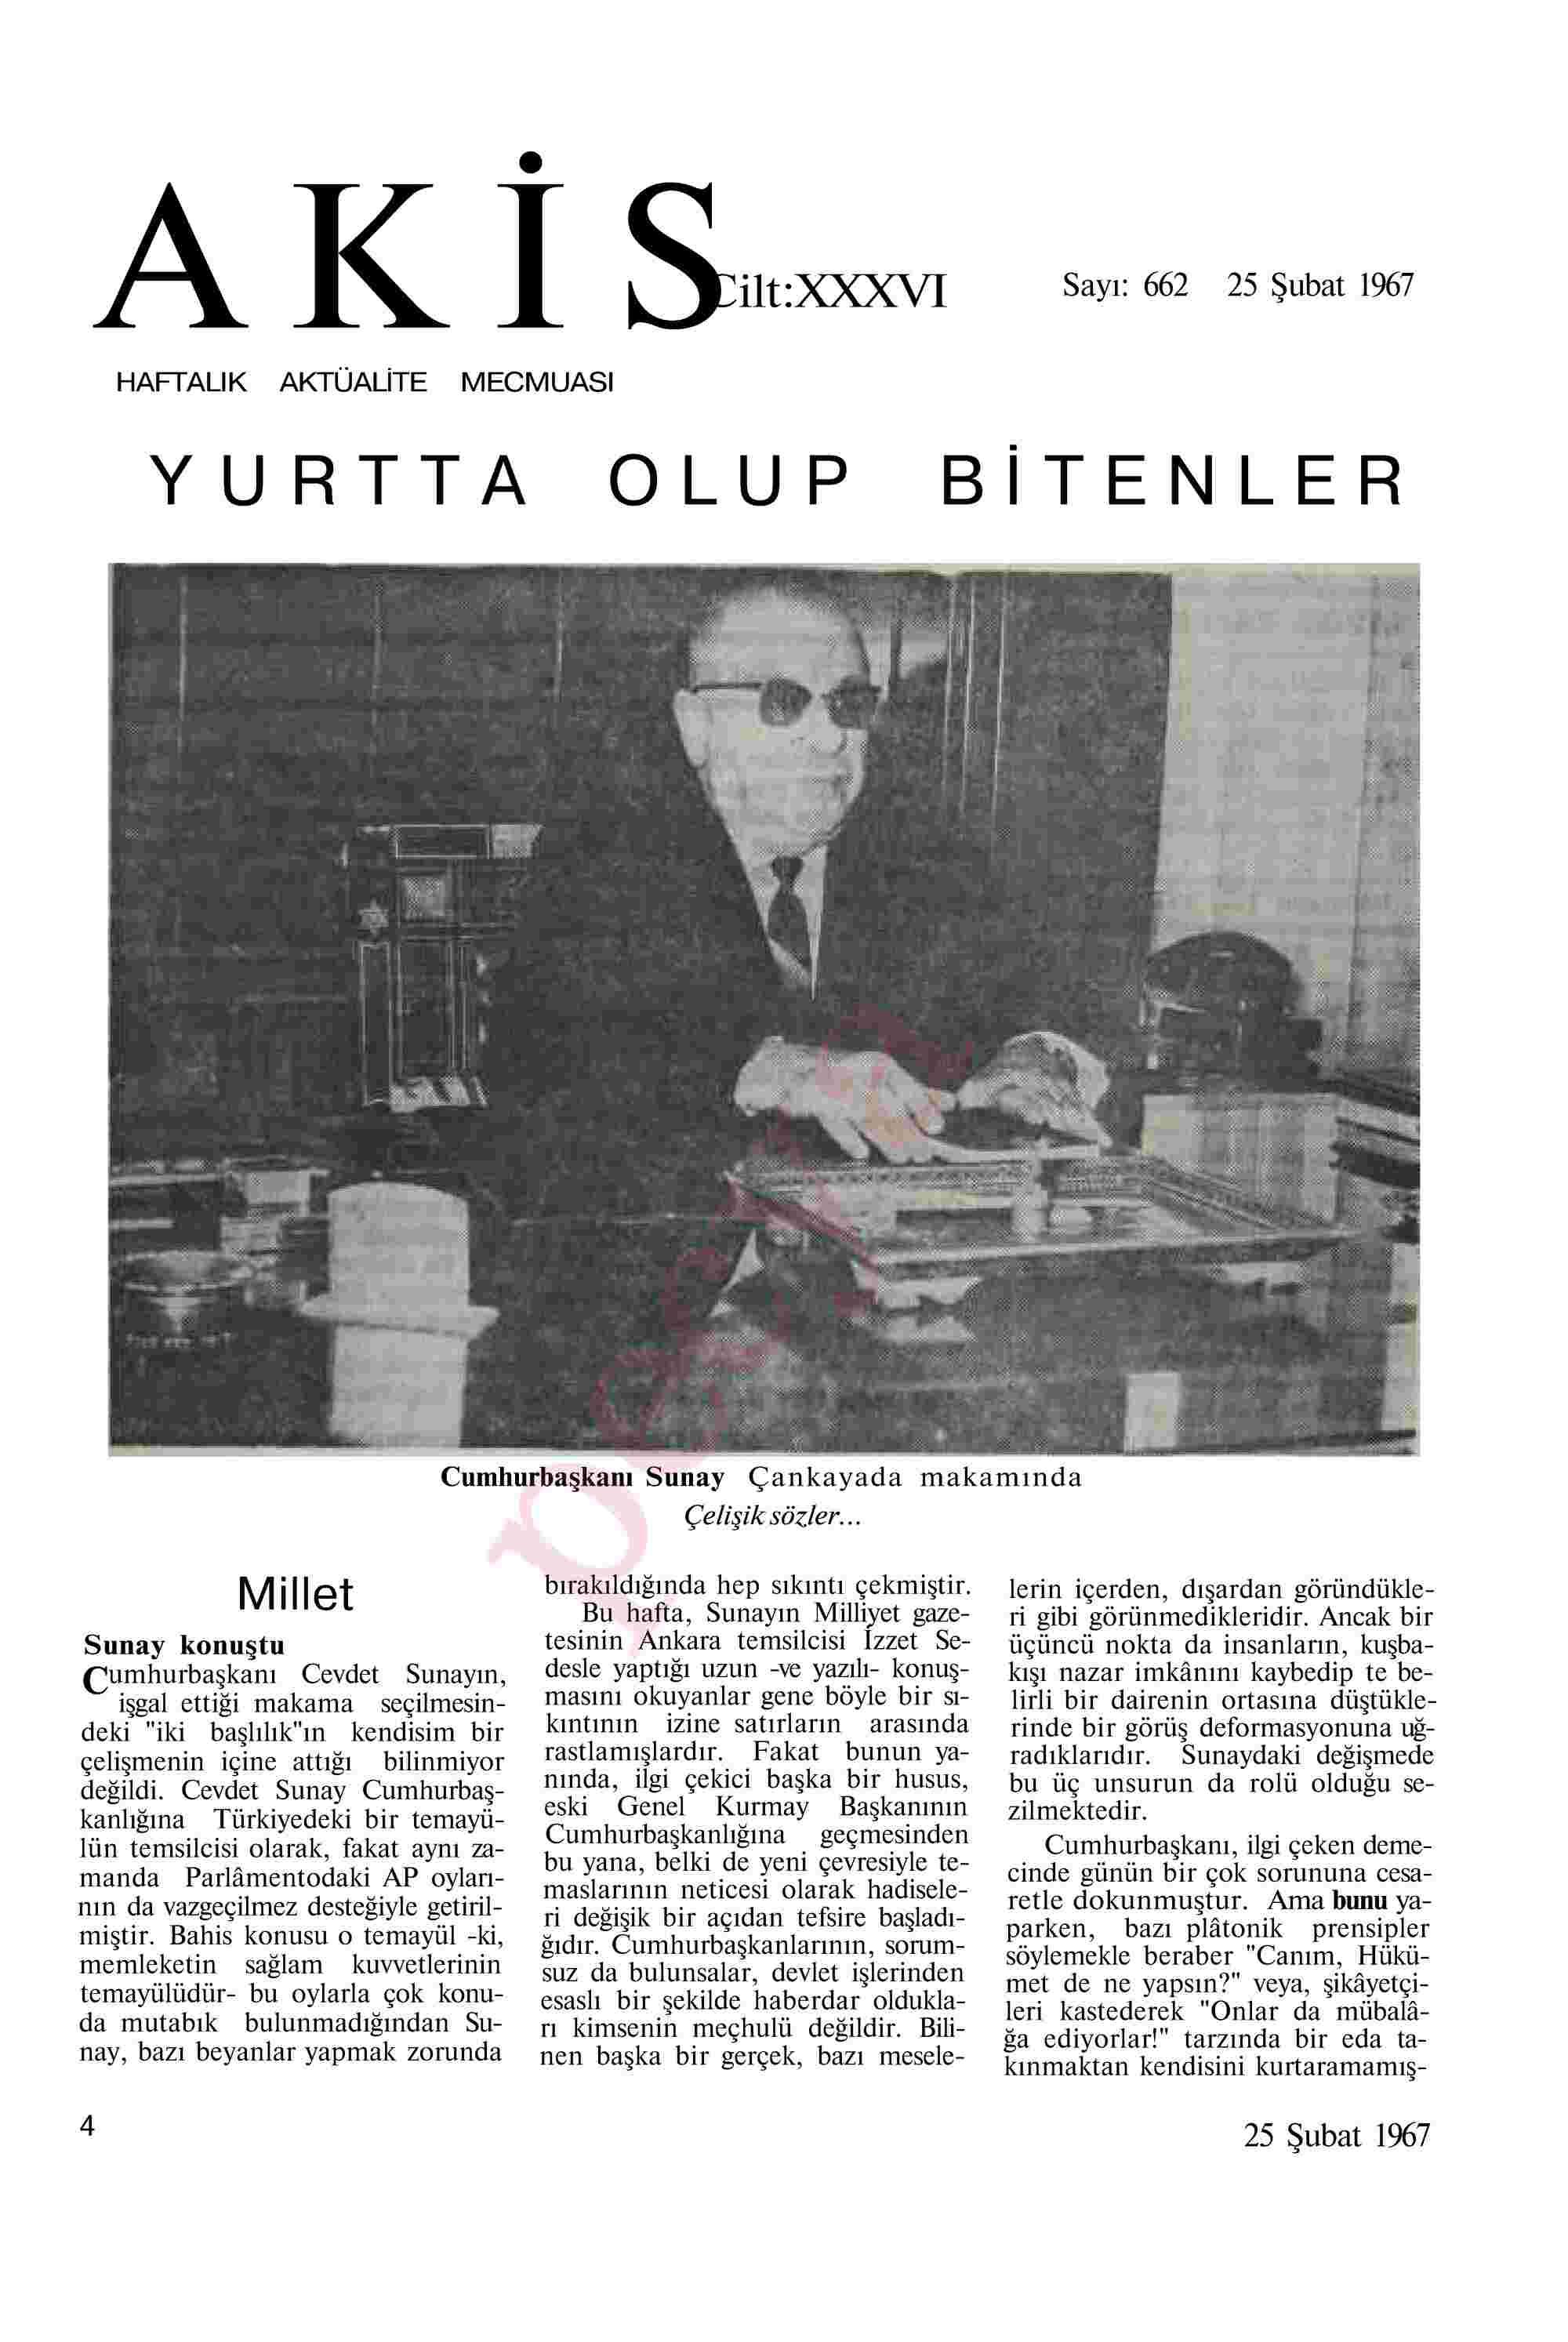 25 Şubat 1967 Tarihli Akis Dergisi Sayfa 4